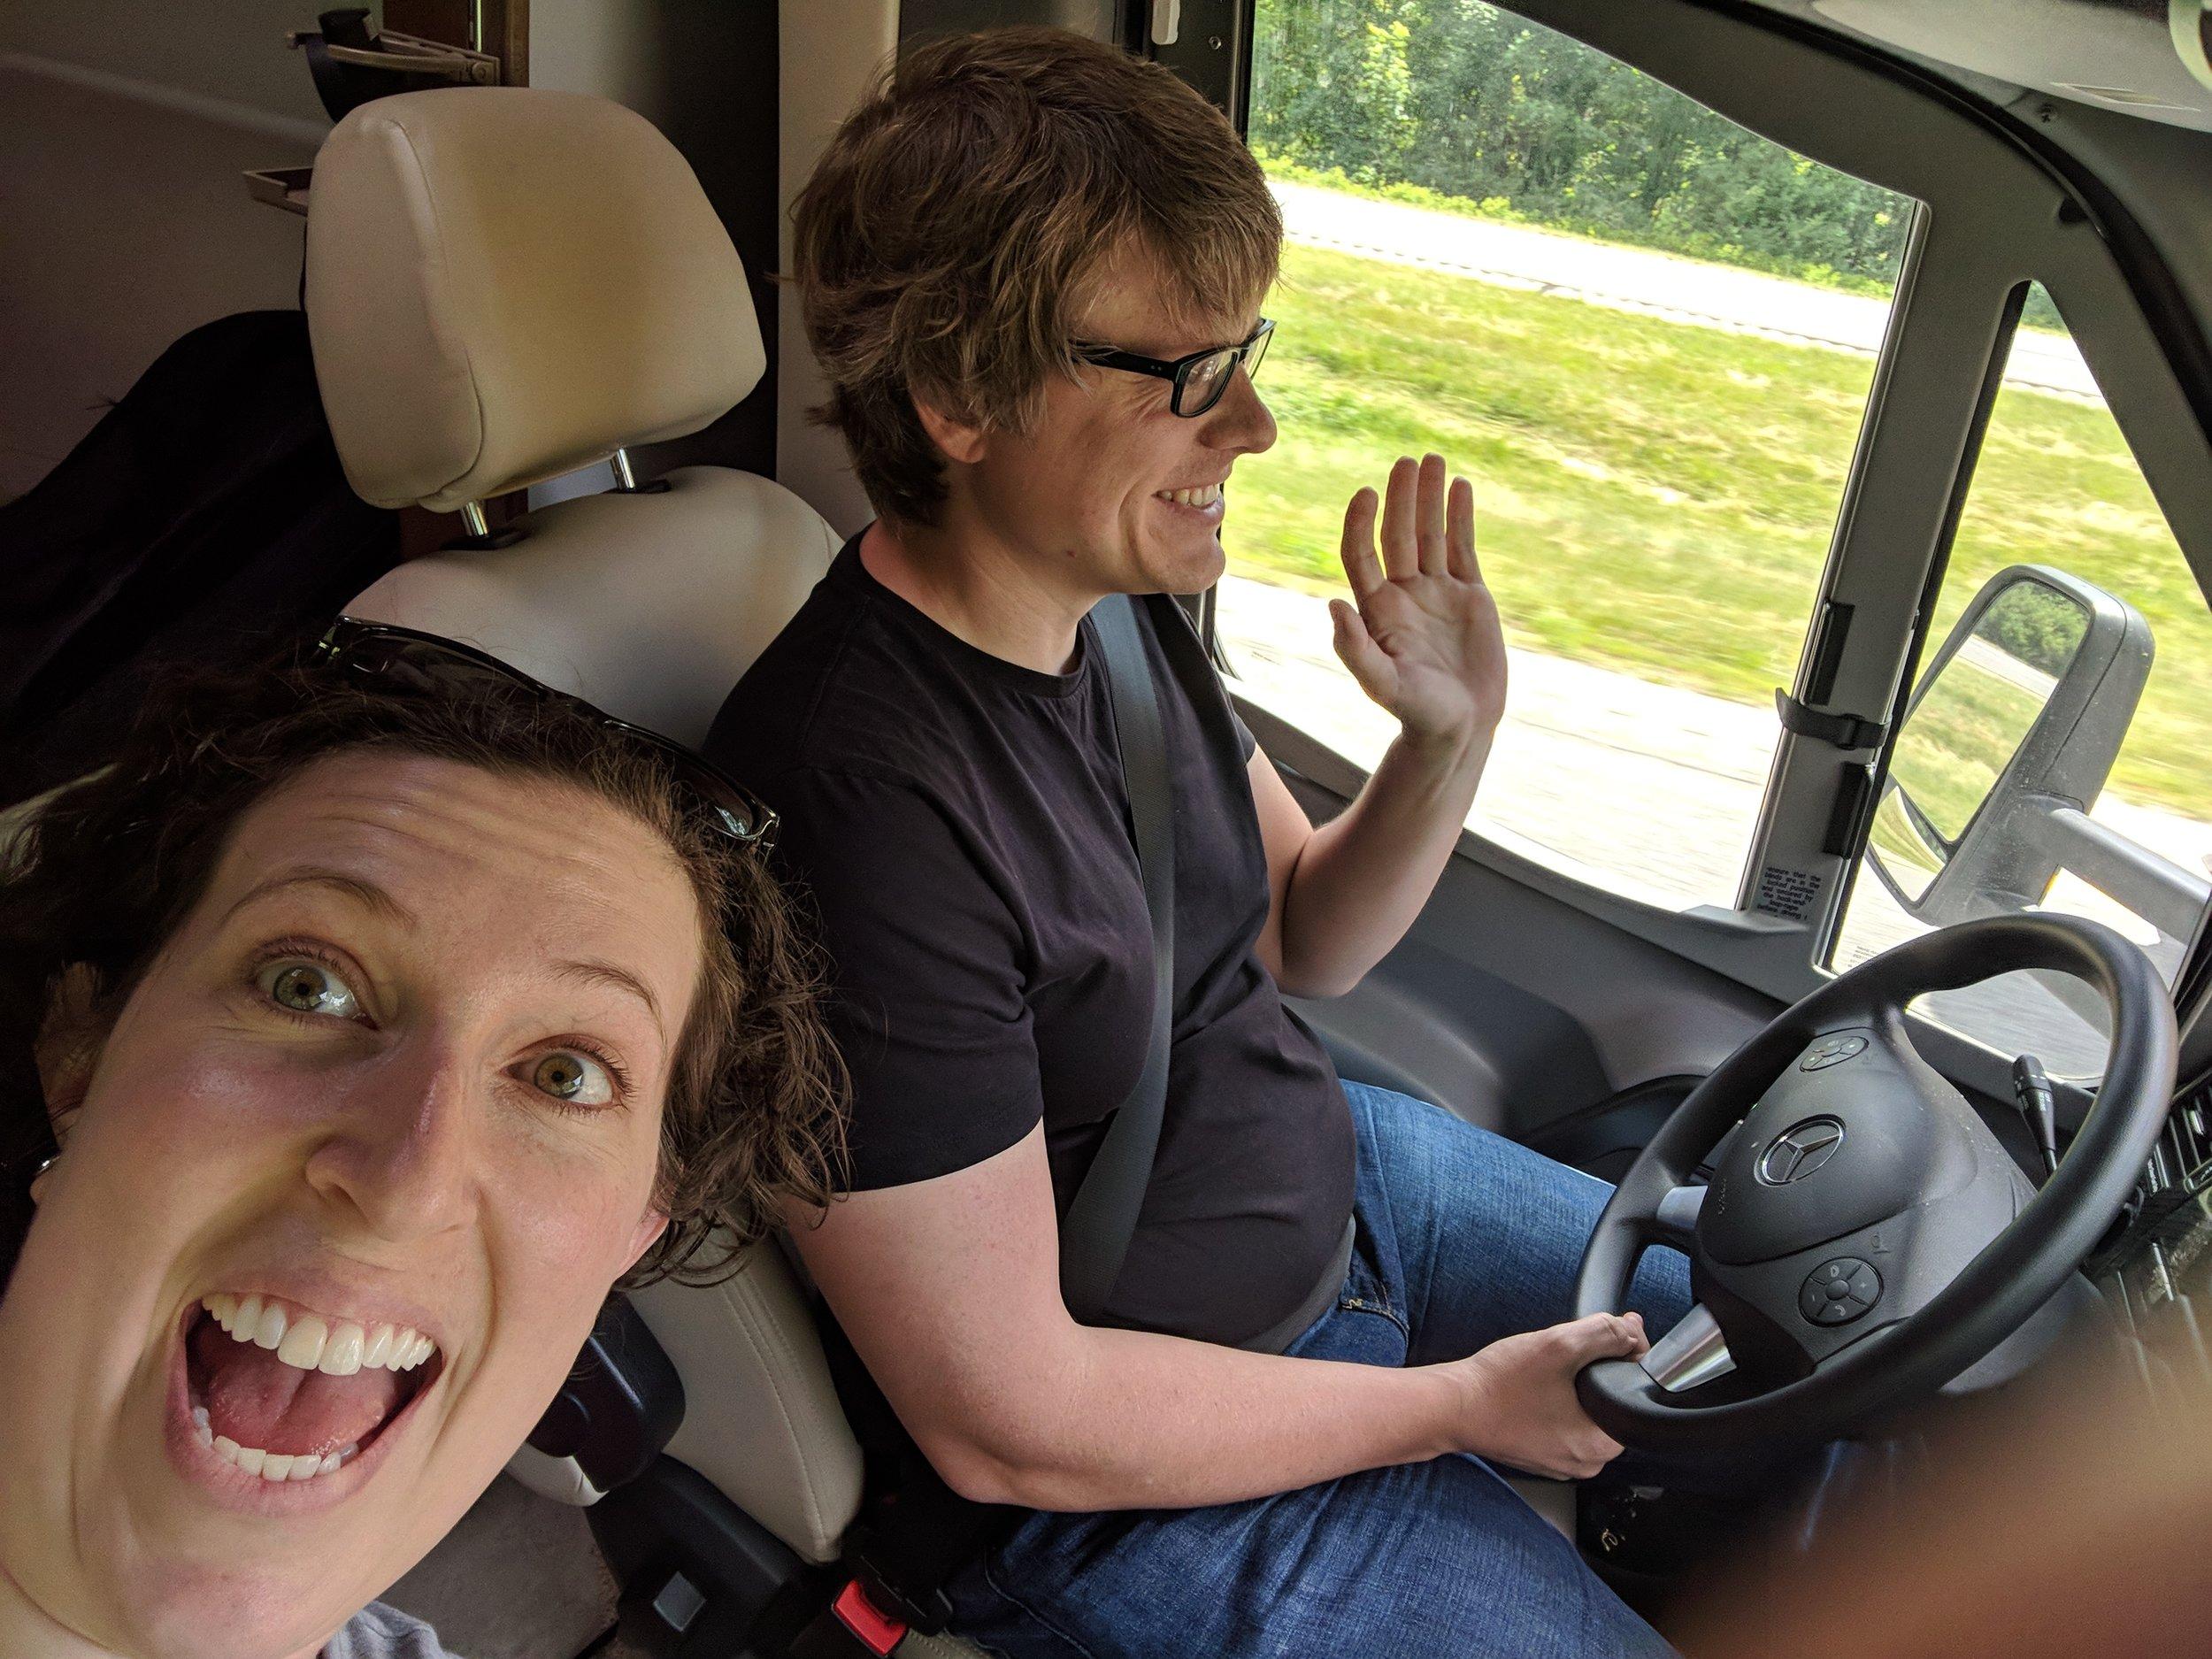 Onward to Ohio!